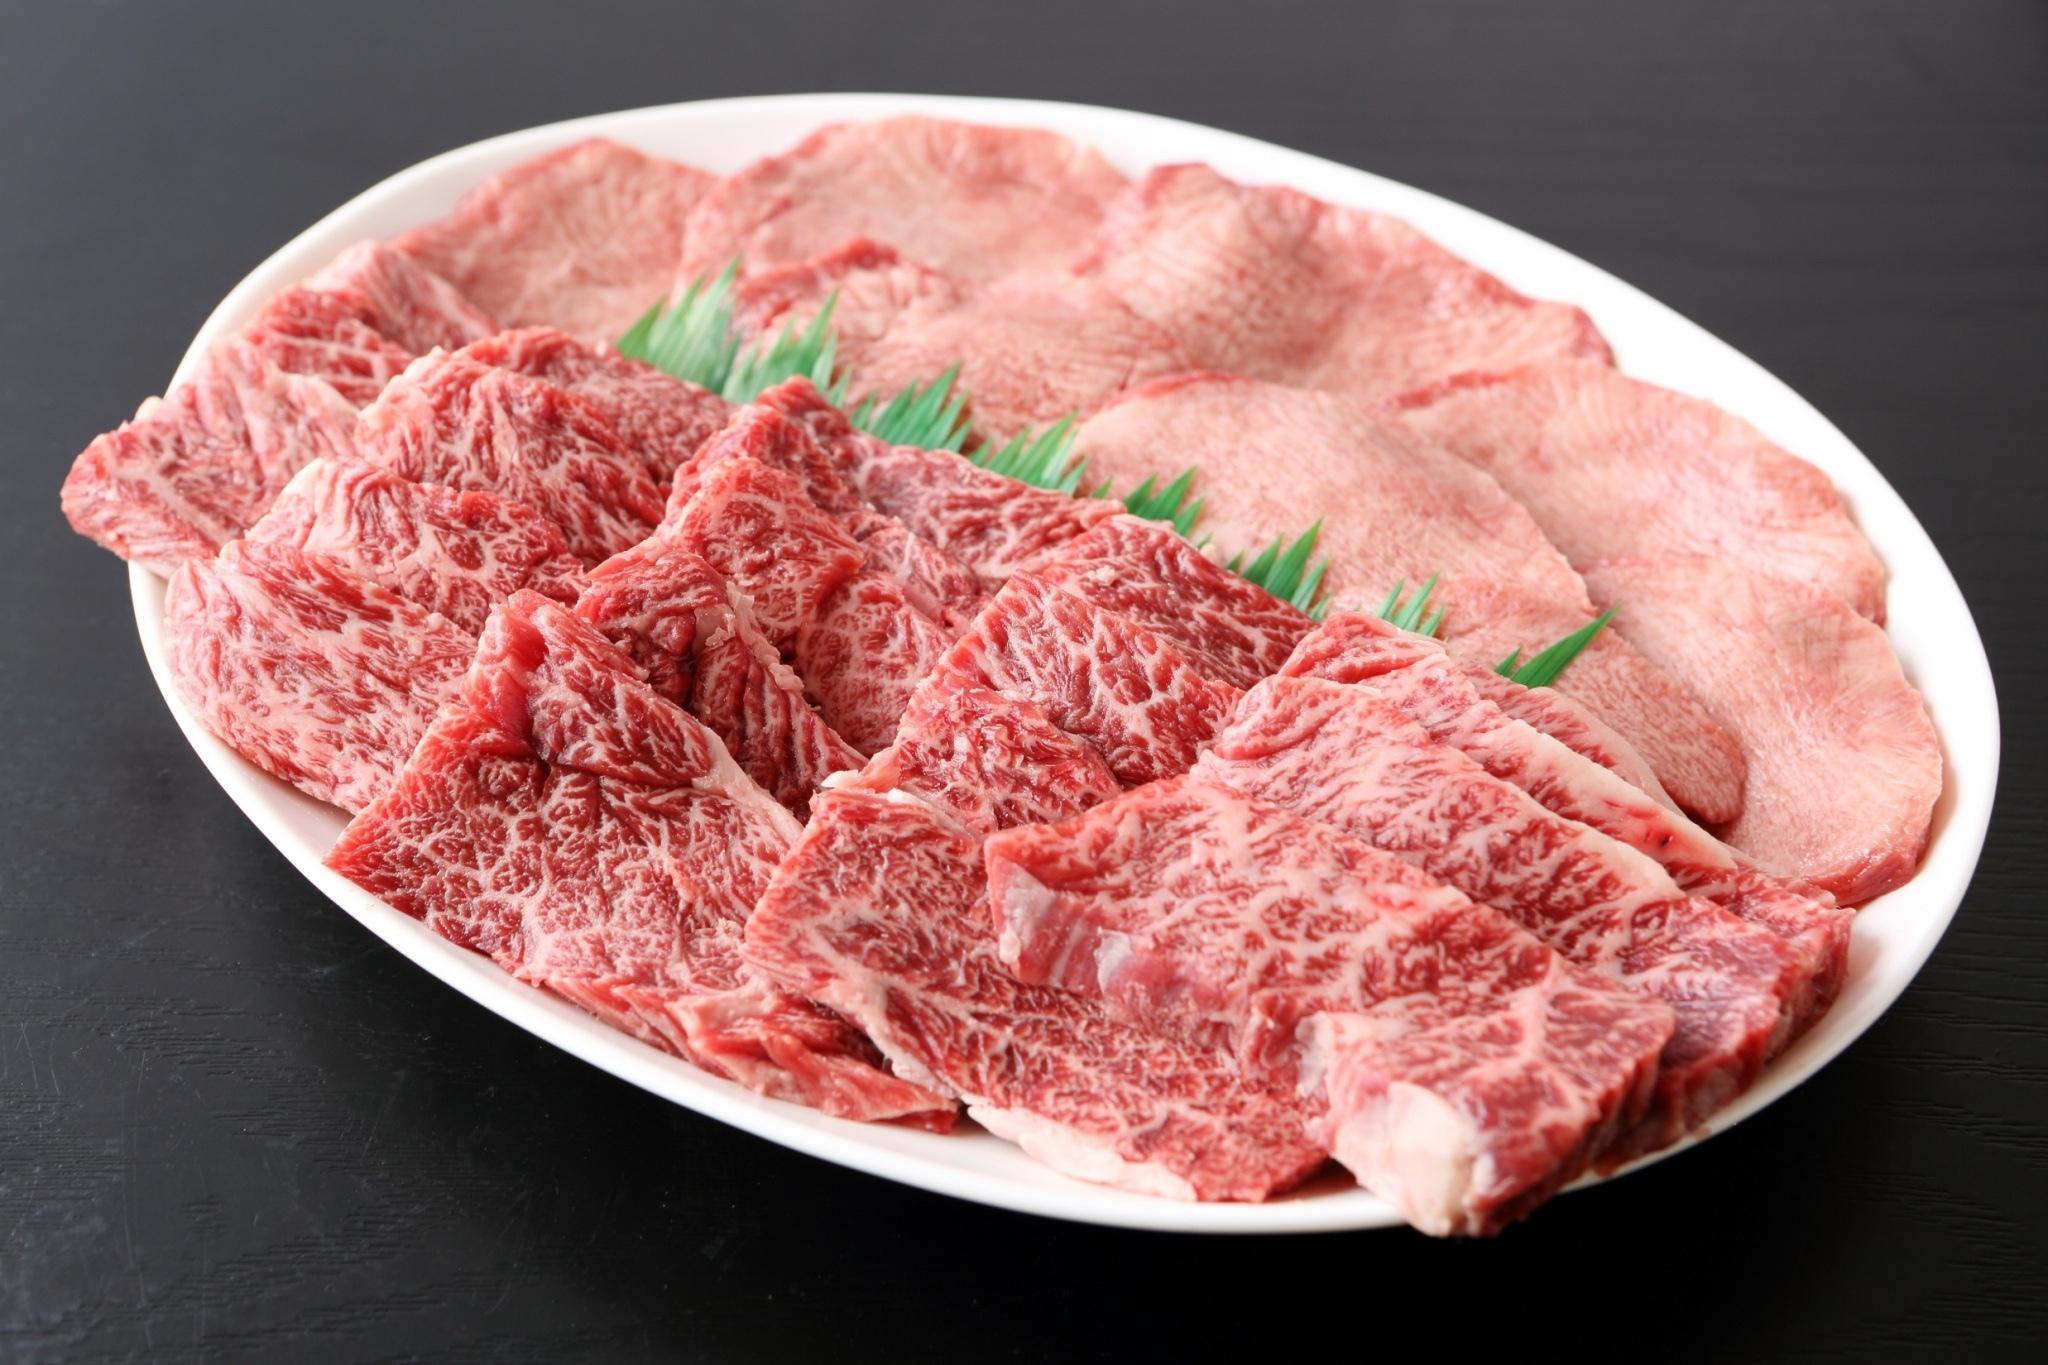 山形牛 一人前 焼肉 BBQ 山形牛メイン300g(山形牛もも、山形牛カルビ、US牛タン)